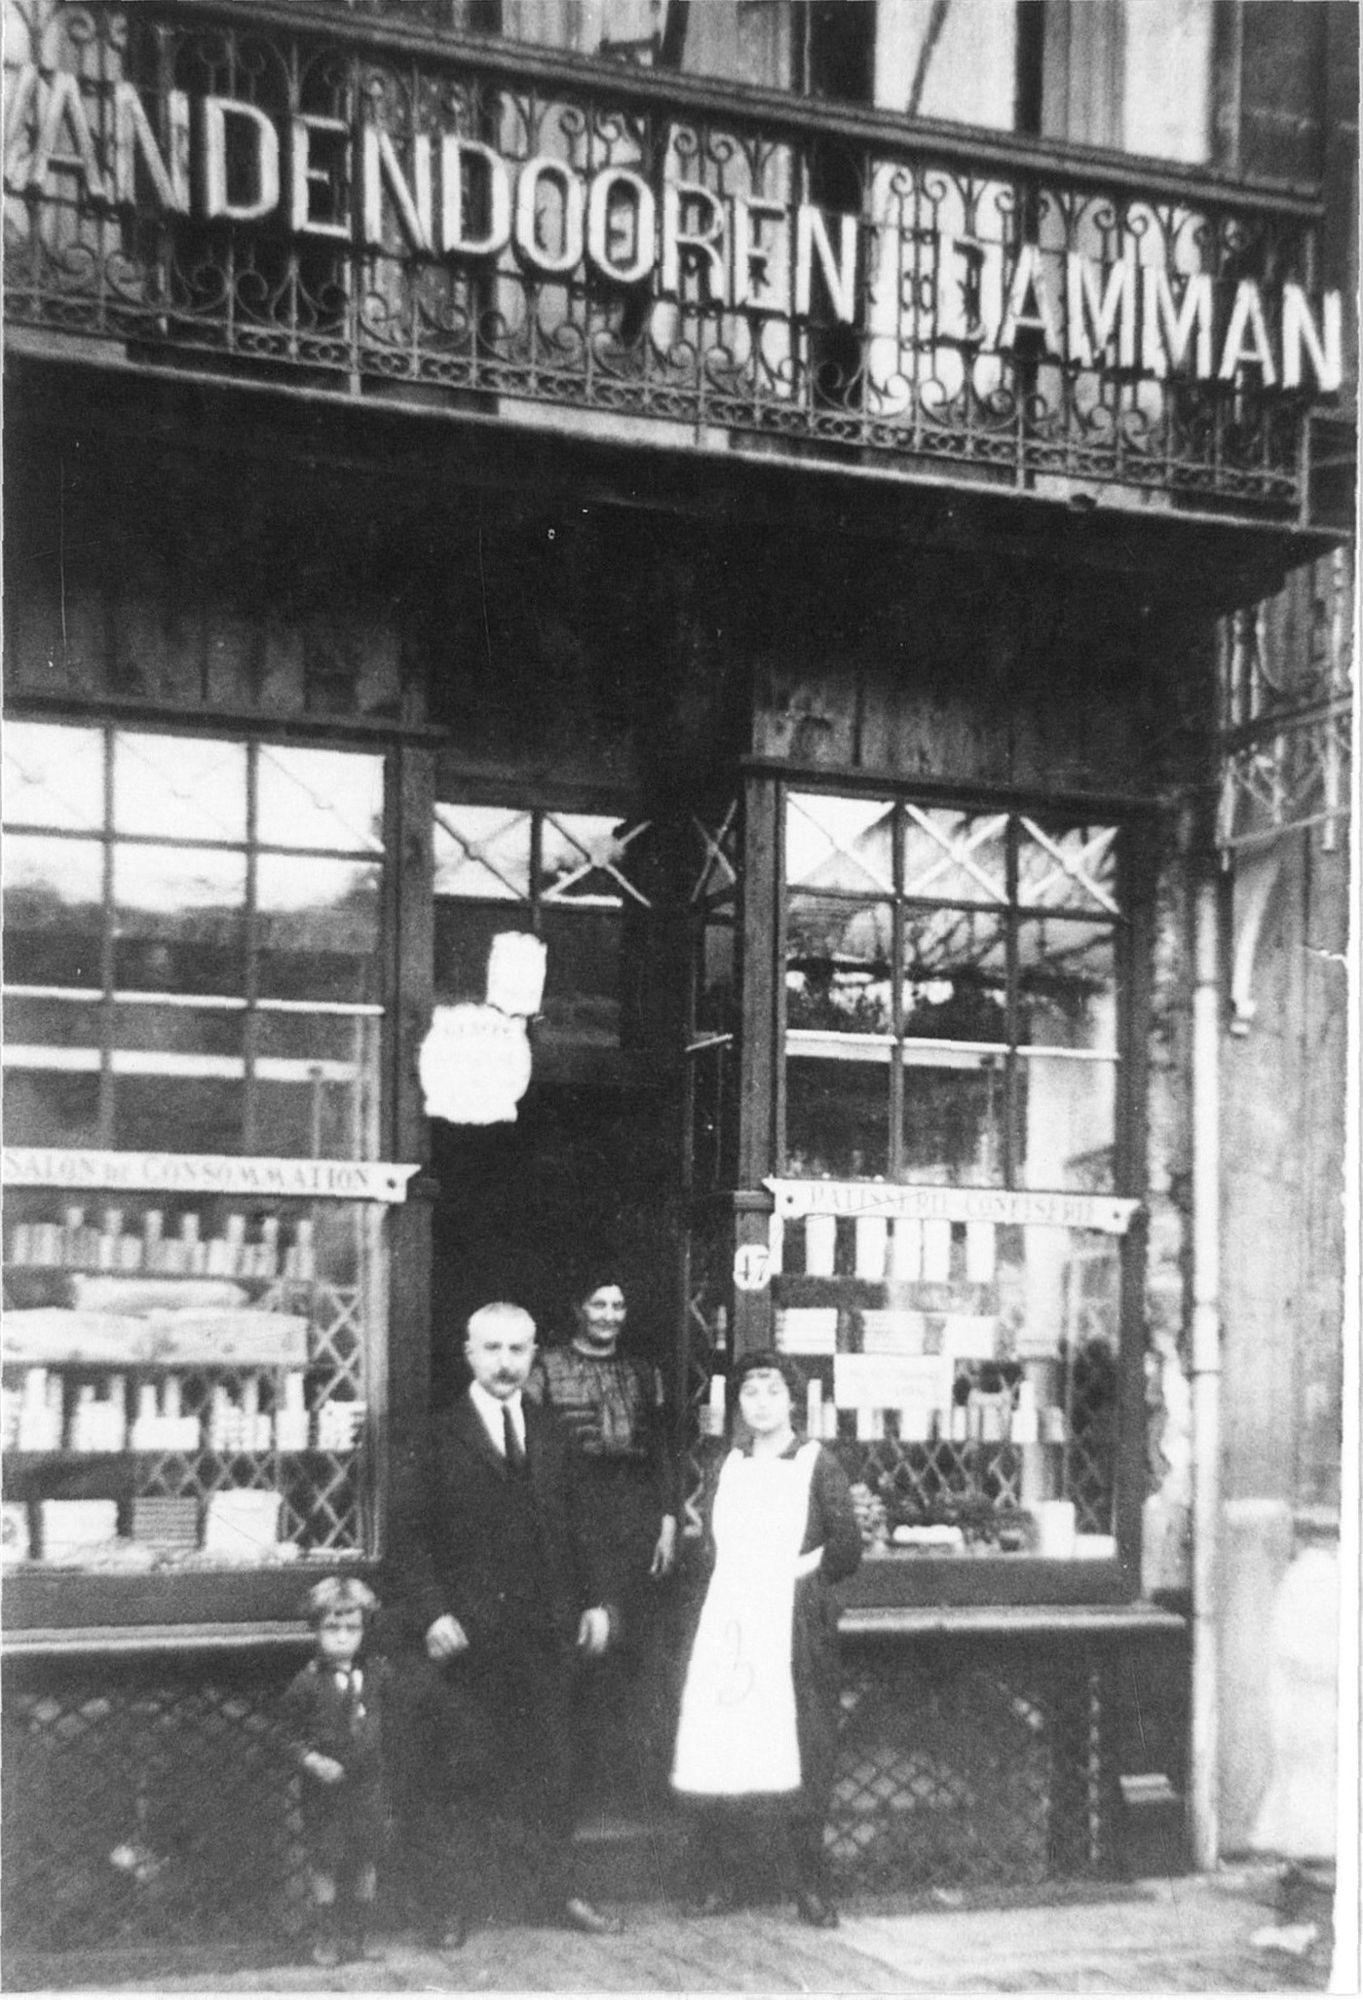 Patisserie Vandendooren- Damman op de Grote Markt